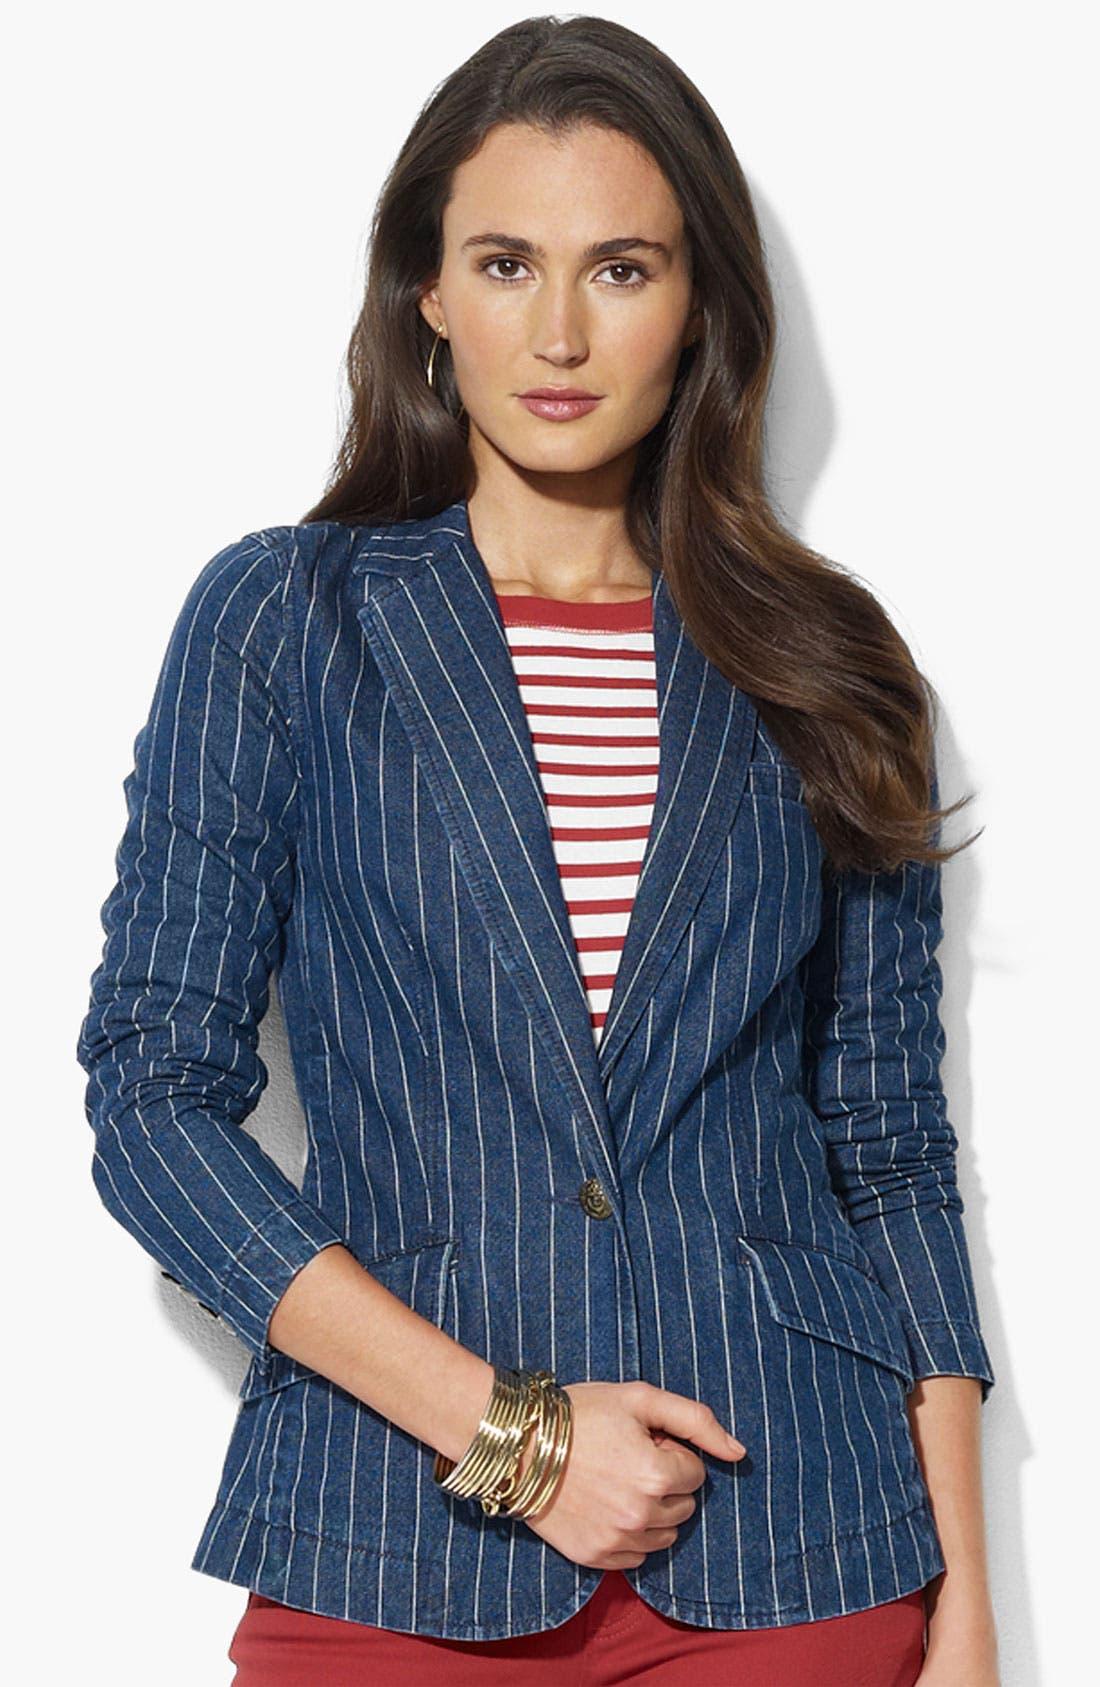 Alternate Image 1 Selected - Lauren Ralph Lauren One Button Jacket (Petite)(Online Only)